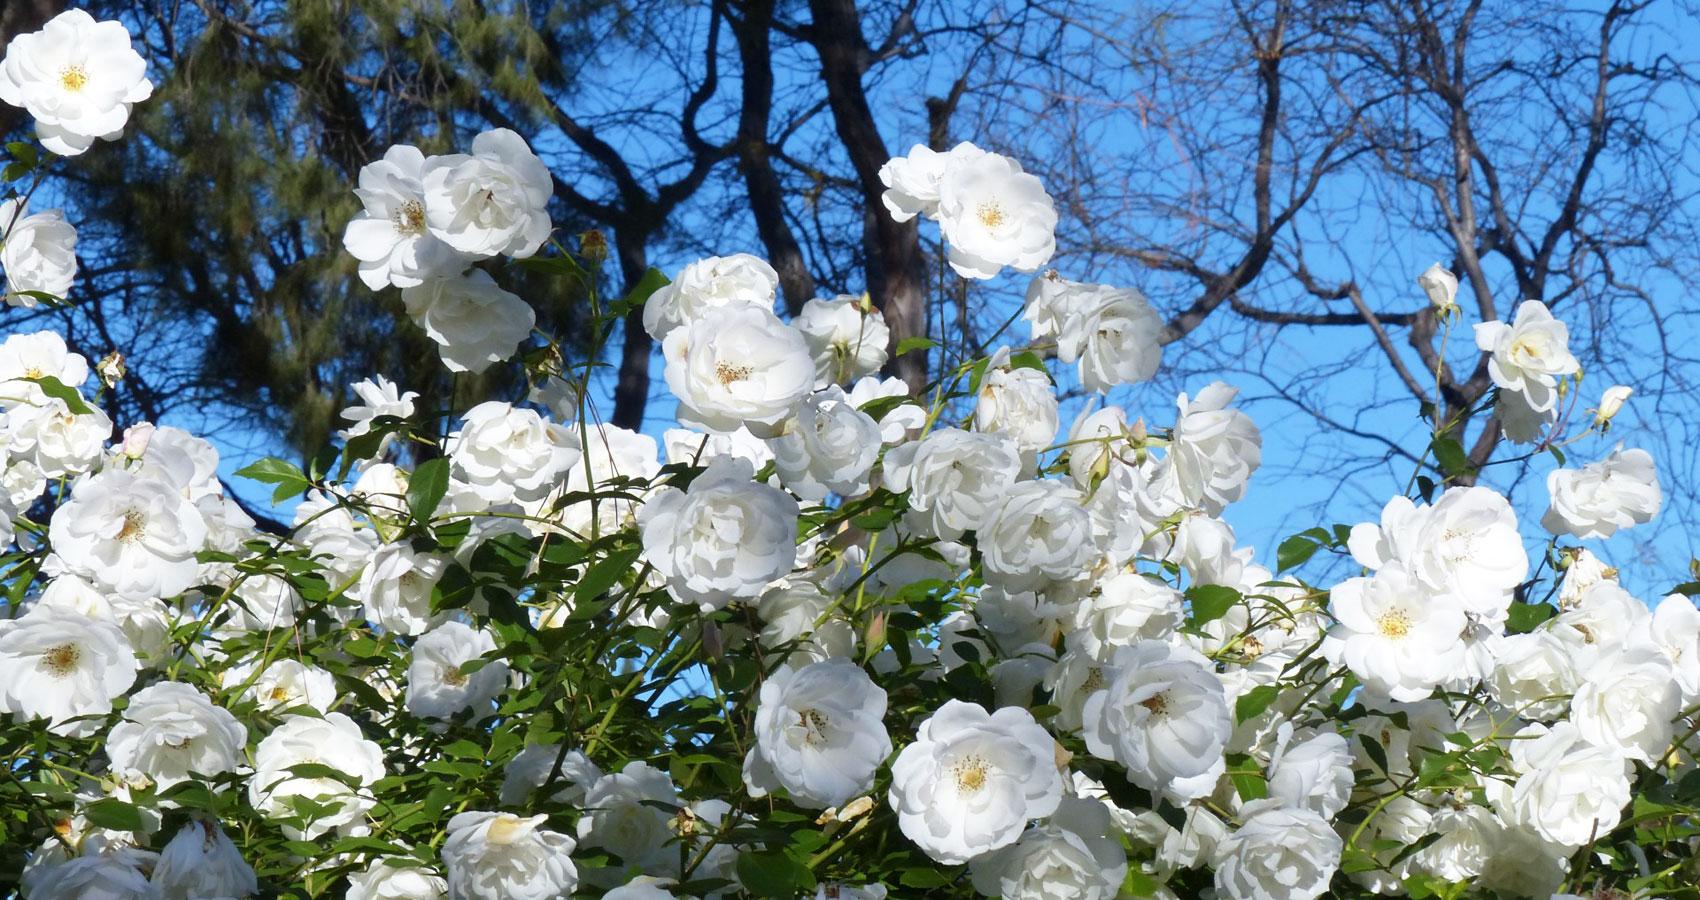 White Roses by Ann Christine Tabaka at Spillwords.com